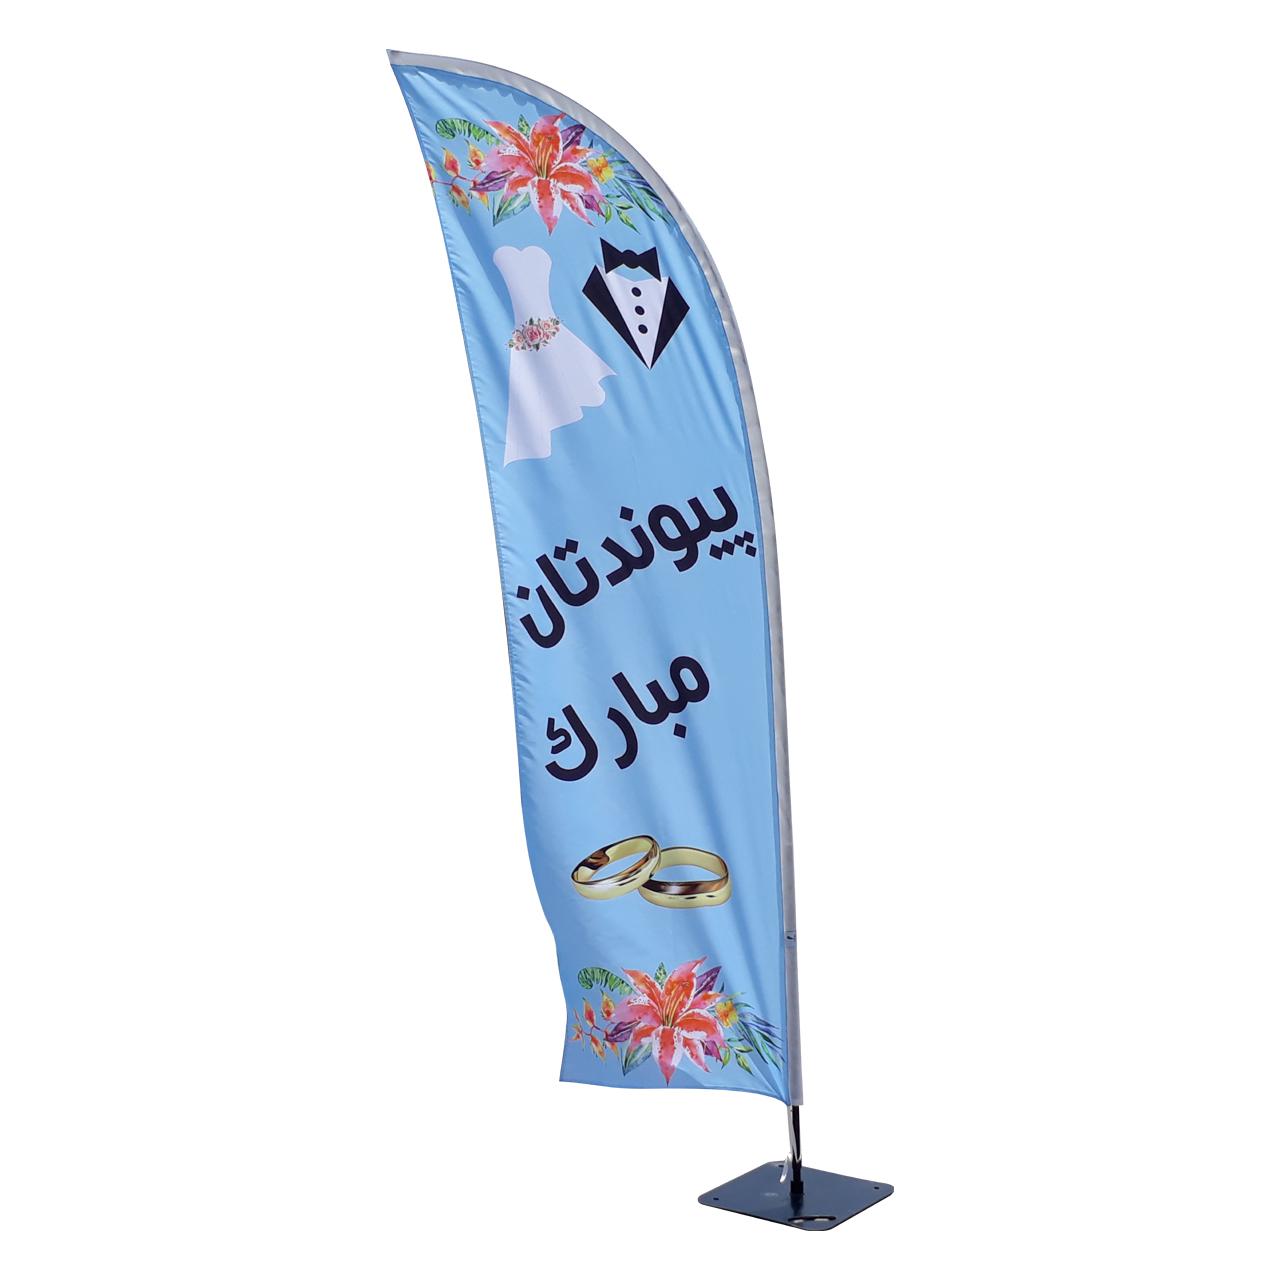 پرچم پیوندتان مبارک ساحلی پرچم مدل بادبانی کد SP109RM